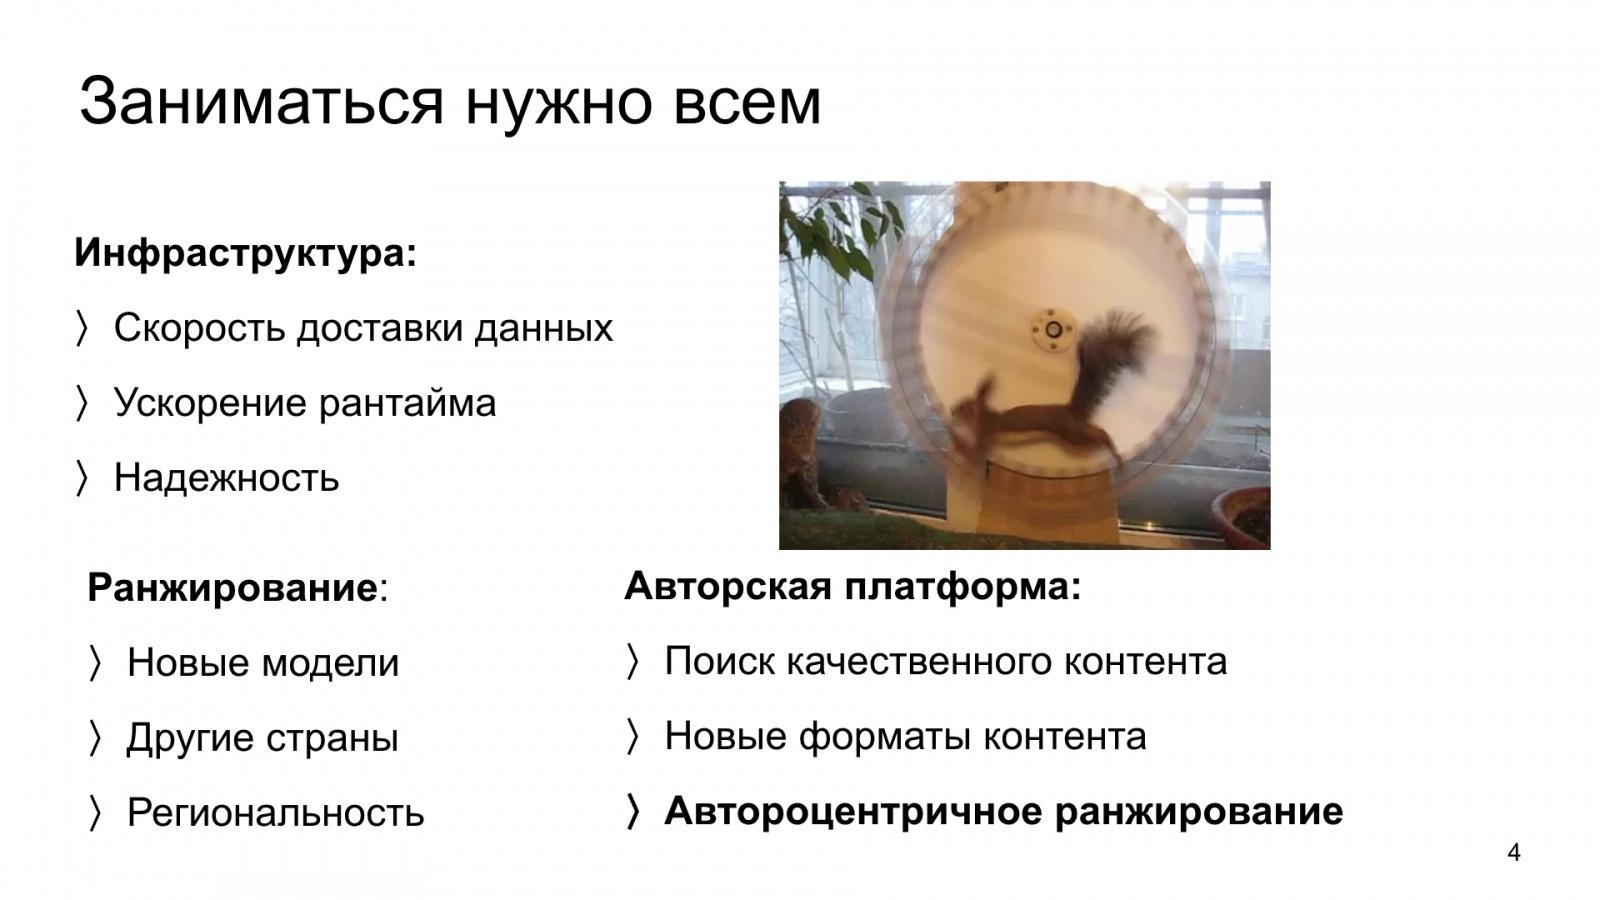 Автороцентричное ранжирование. Доклад Яндекса о поиске релевантной аудитории для авторов Дзена - 4